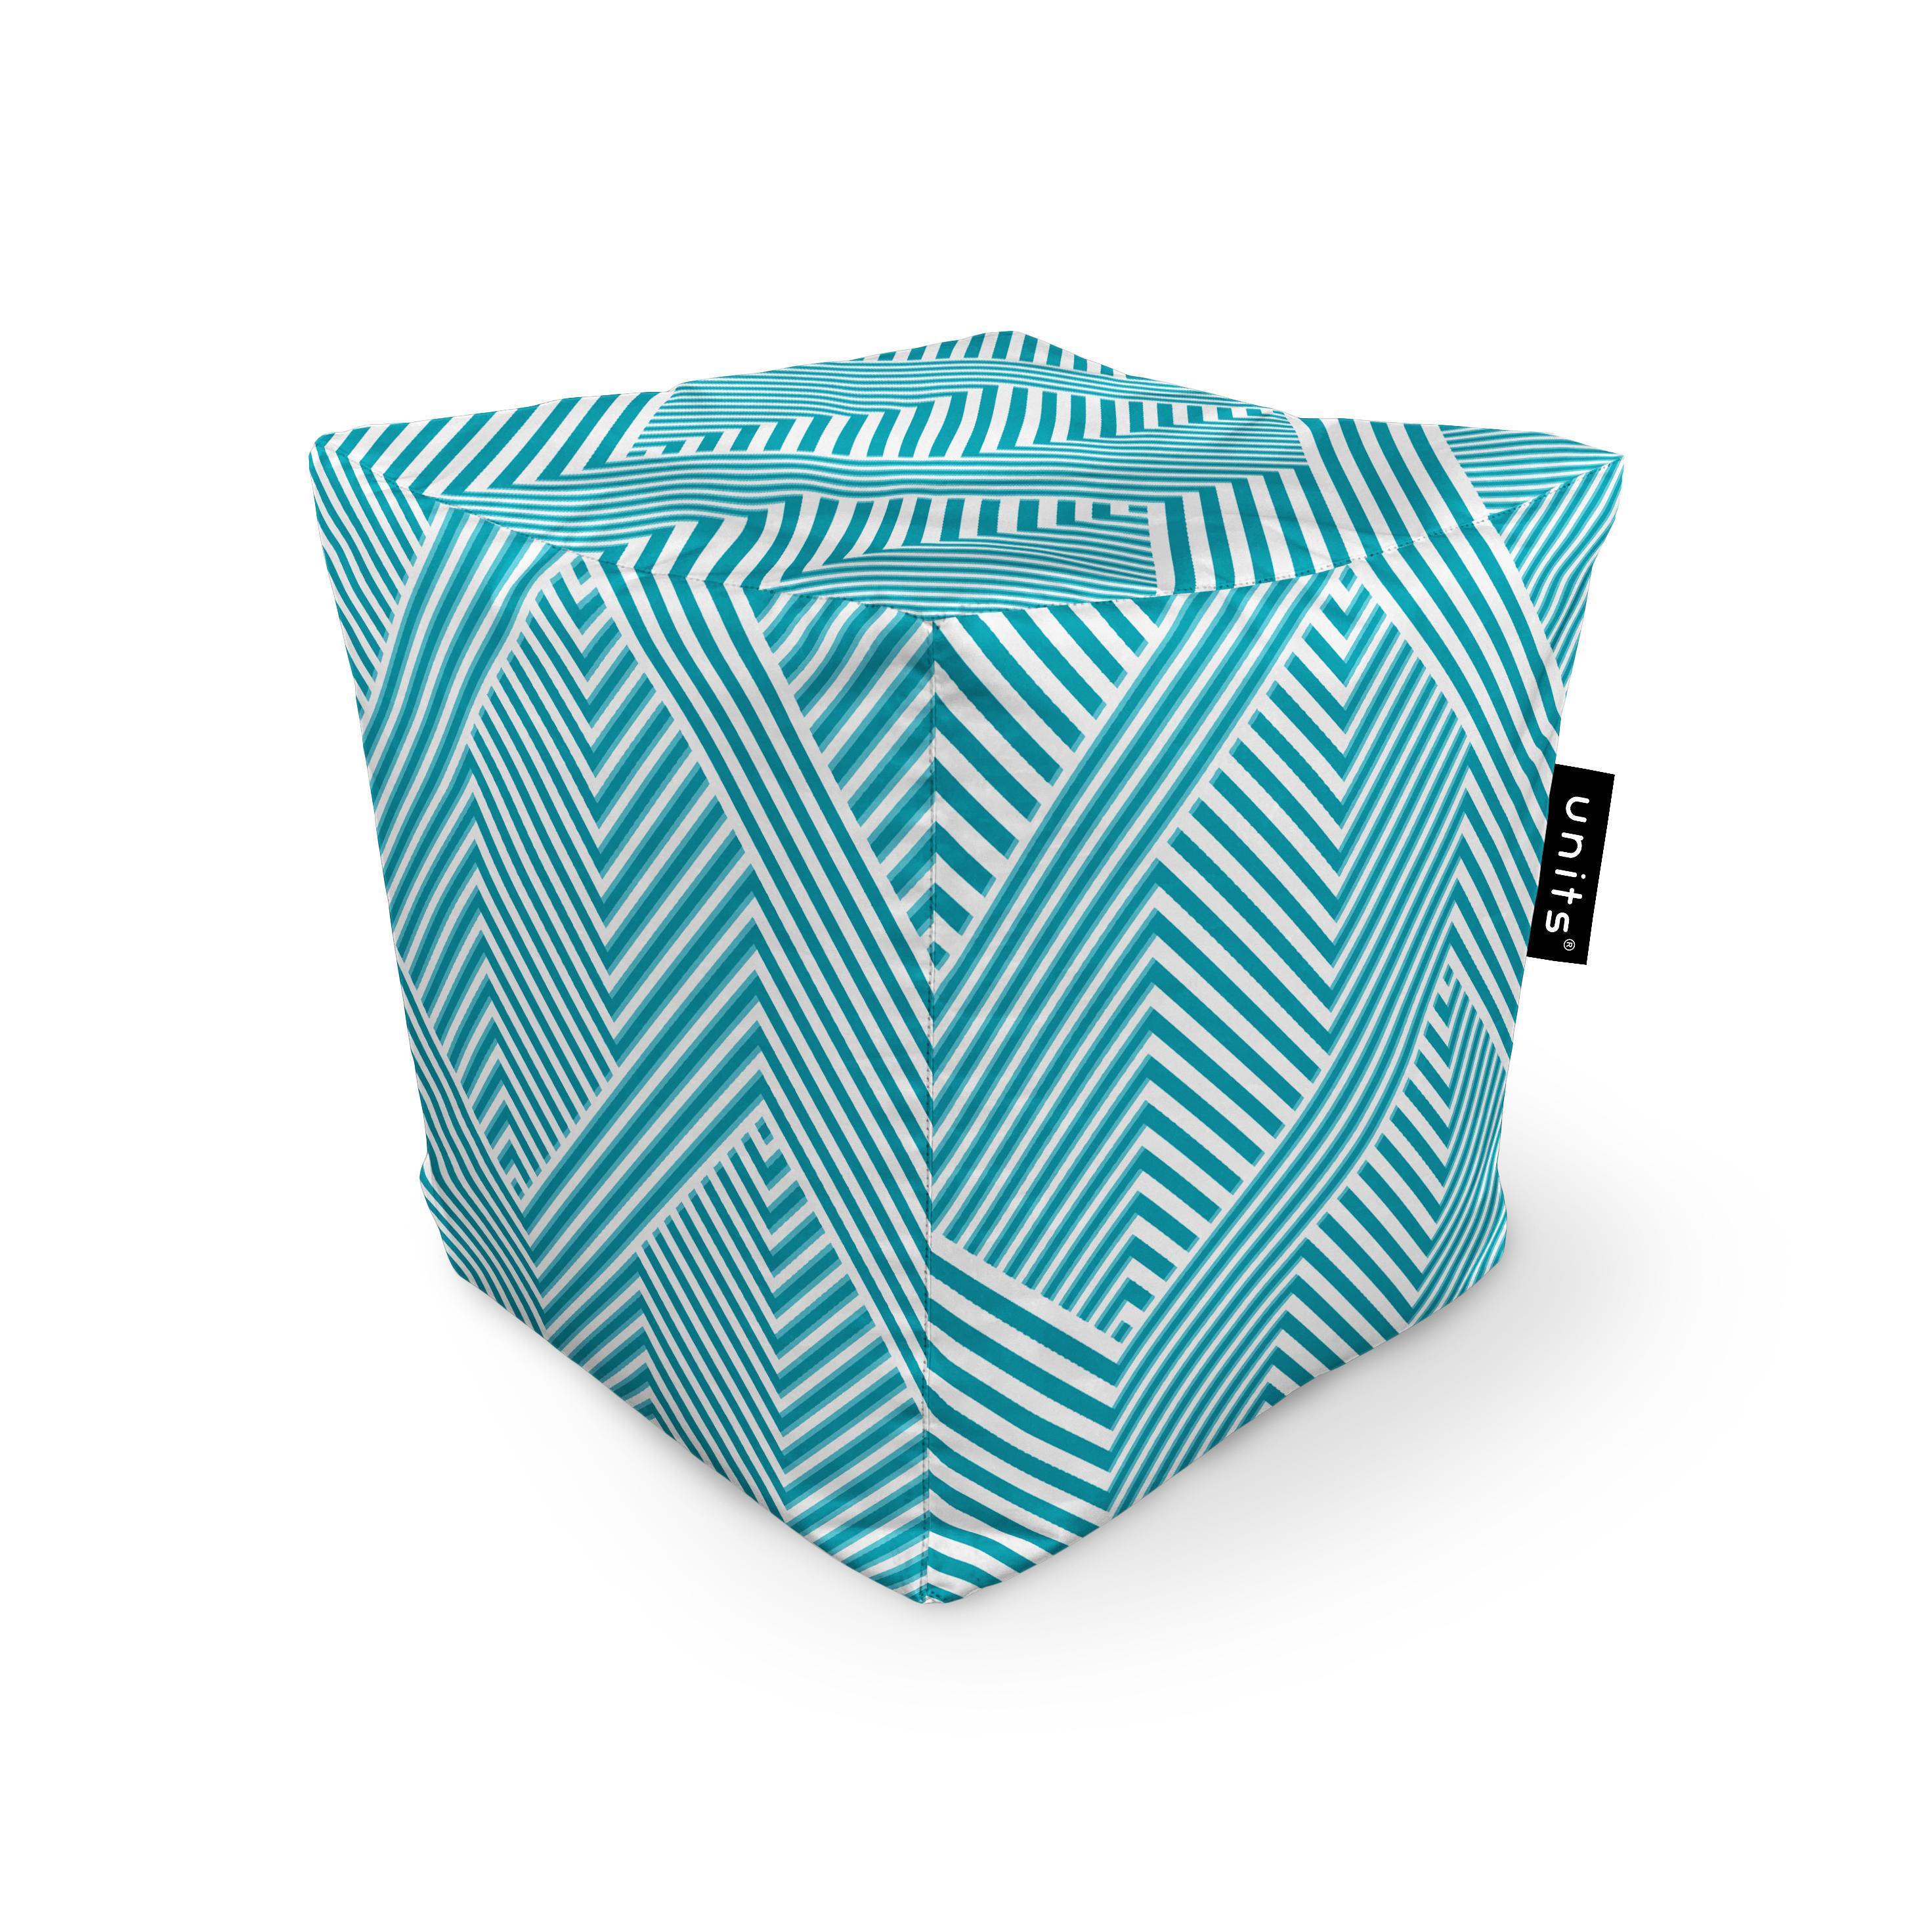 Fotoliu units puf (bean bags) tip cub, impermeabil, motiv alb cu bleu imagine